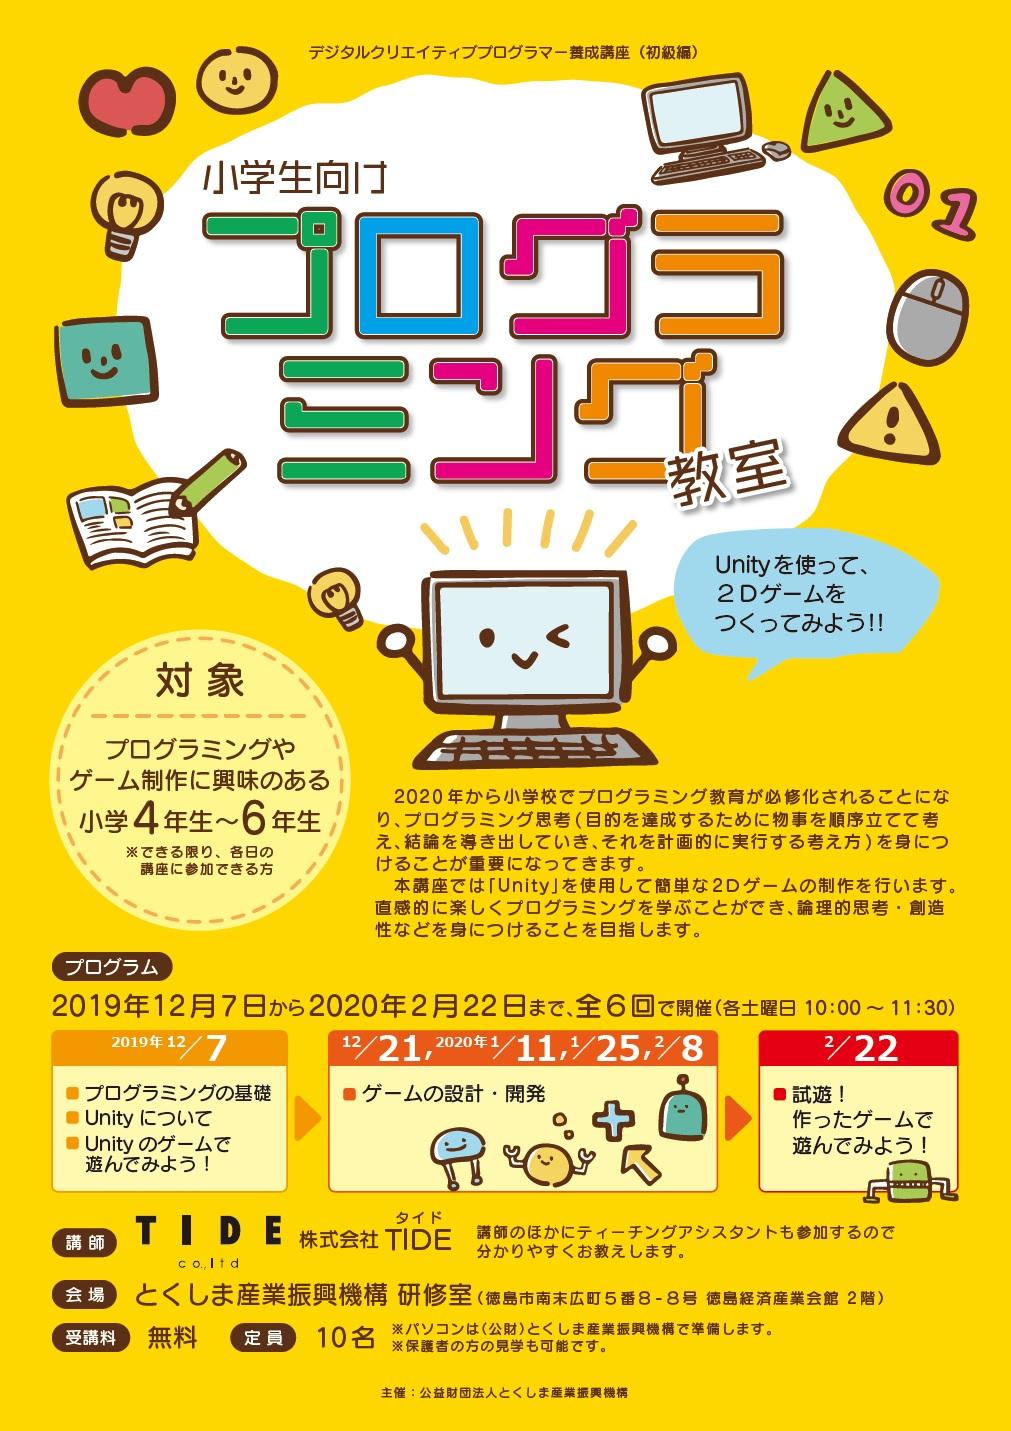 クリエイティブプログラマー養成講座(初級編)